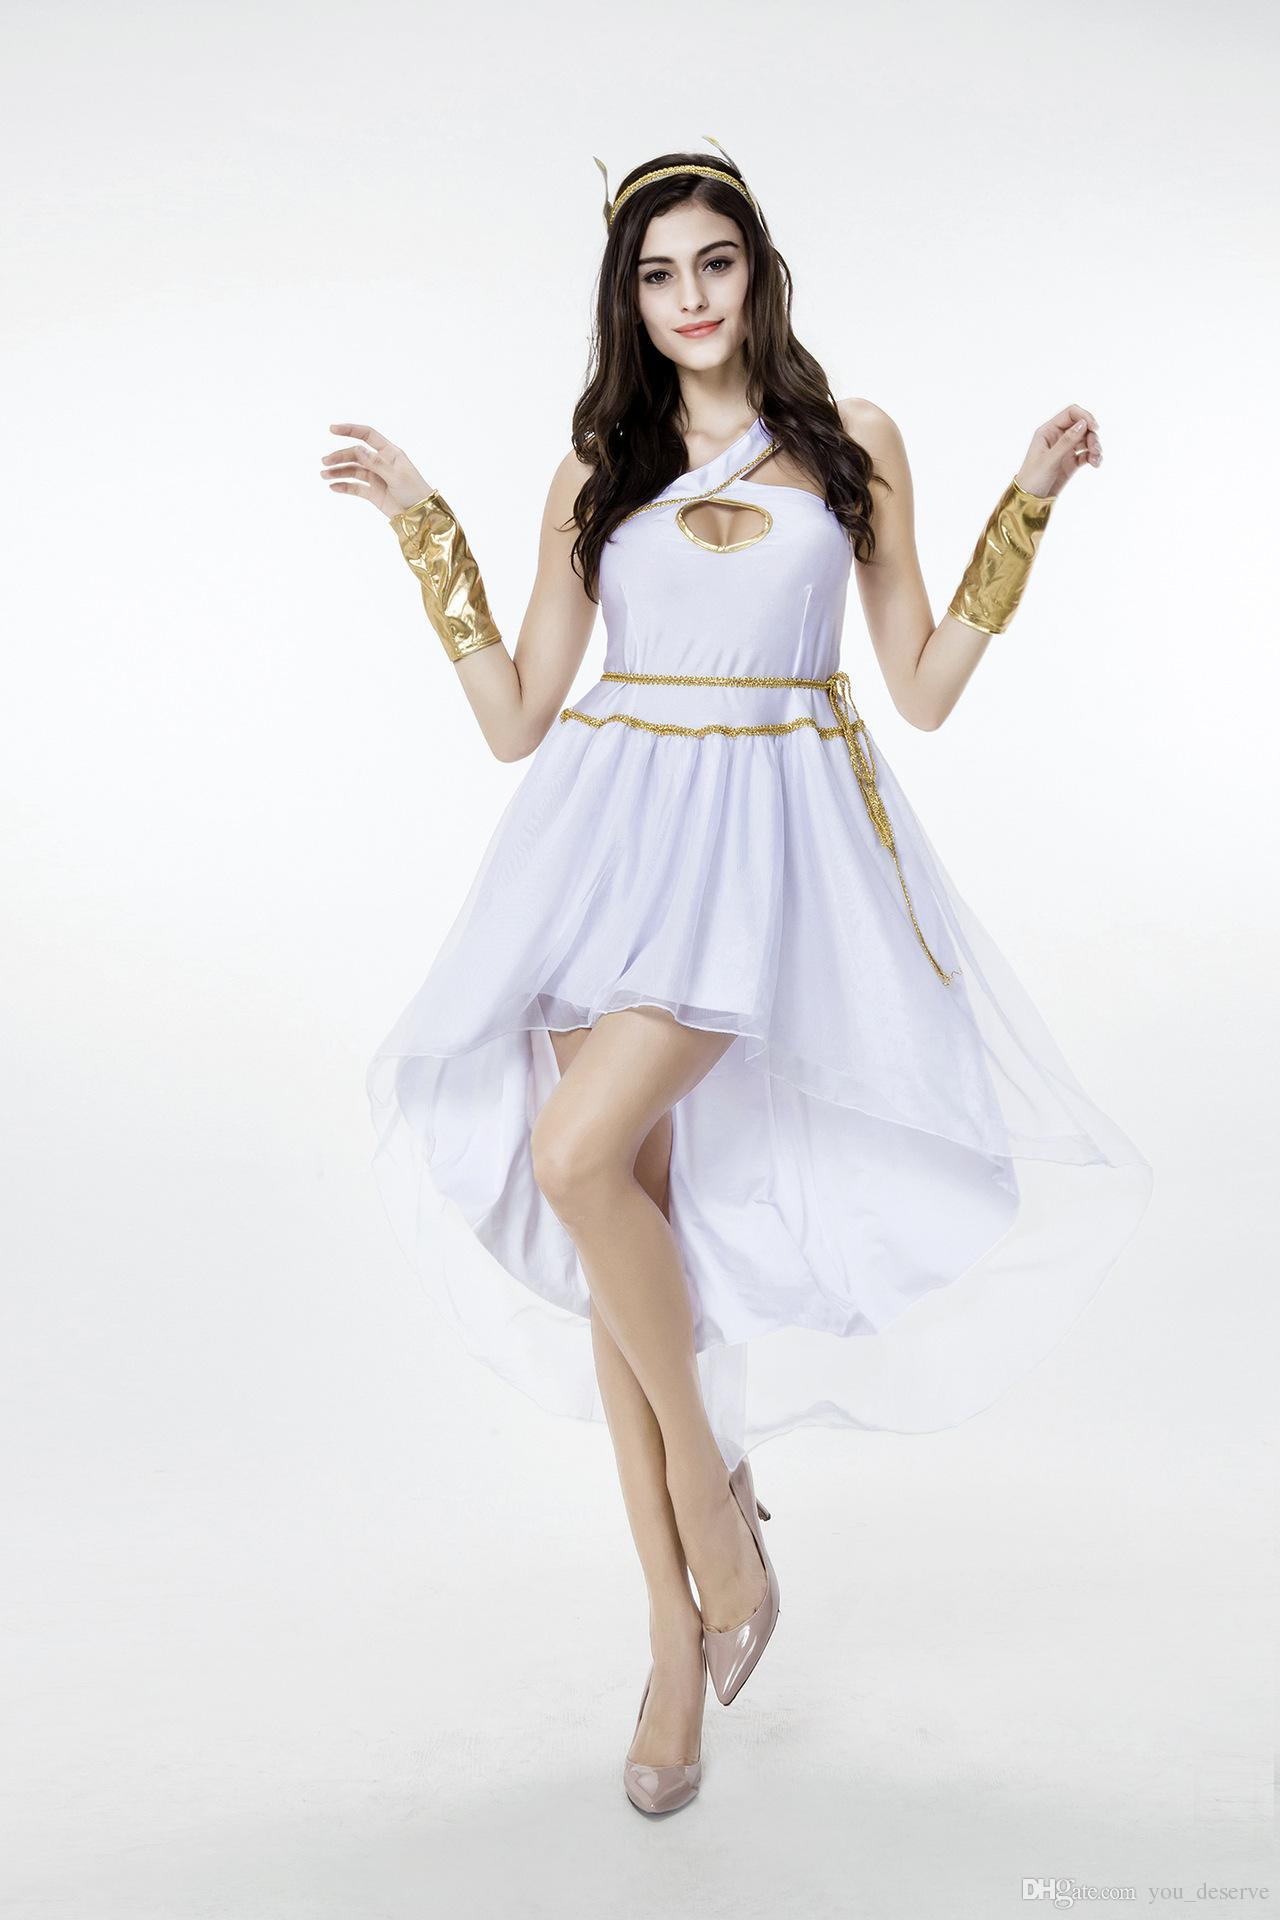 2018 Neue Ankunft Erwachsene Frauen Griechische Göttin Kleid Weiß Sexy Cosplay Halloween Kostüme Bühnenshow Kleidung Heißer Verkauf